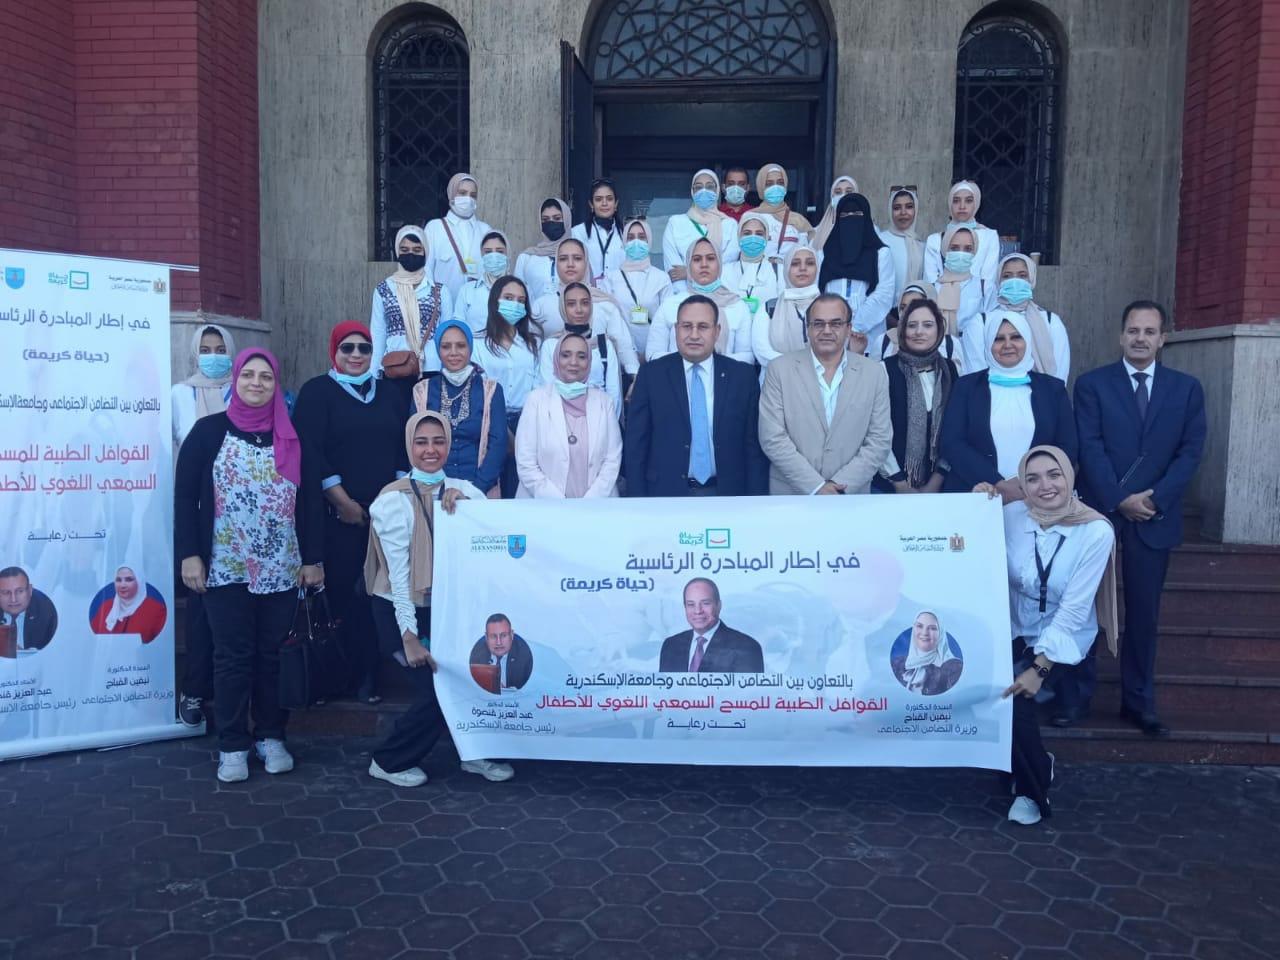 رئيس جامعة الإسكندرية يطلق قافلة طبية  للمسح السمعي اللغوي بالتعاون مع وزارة التضامن الإجتماعي